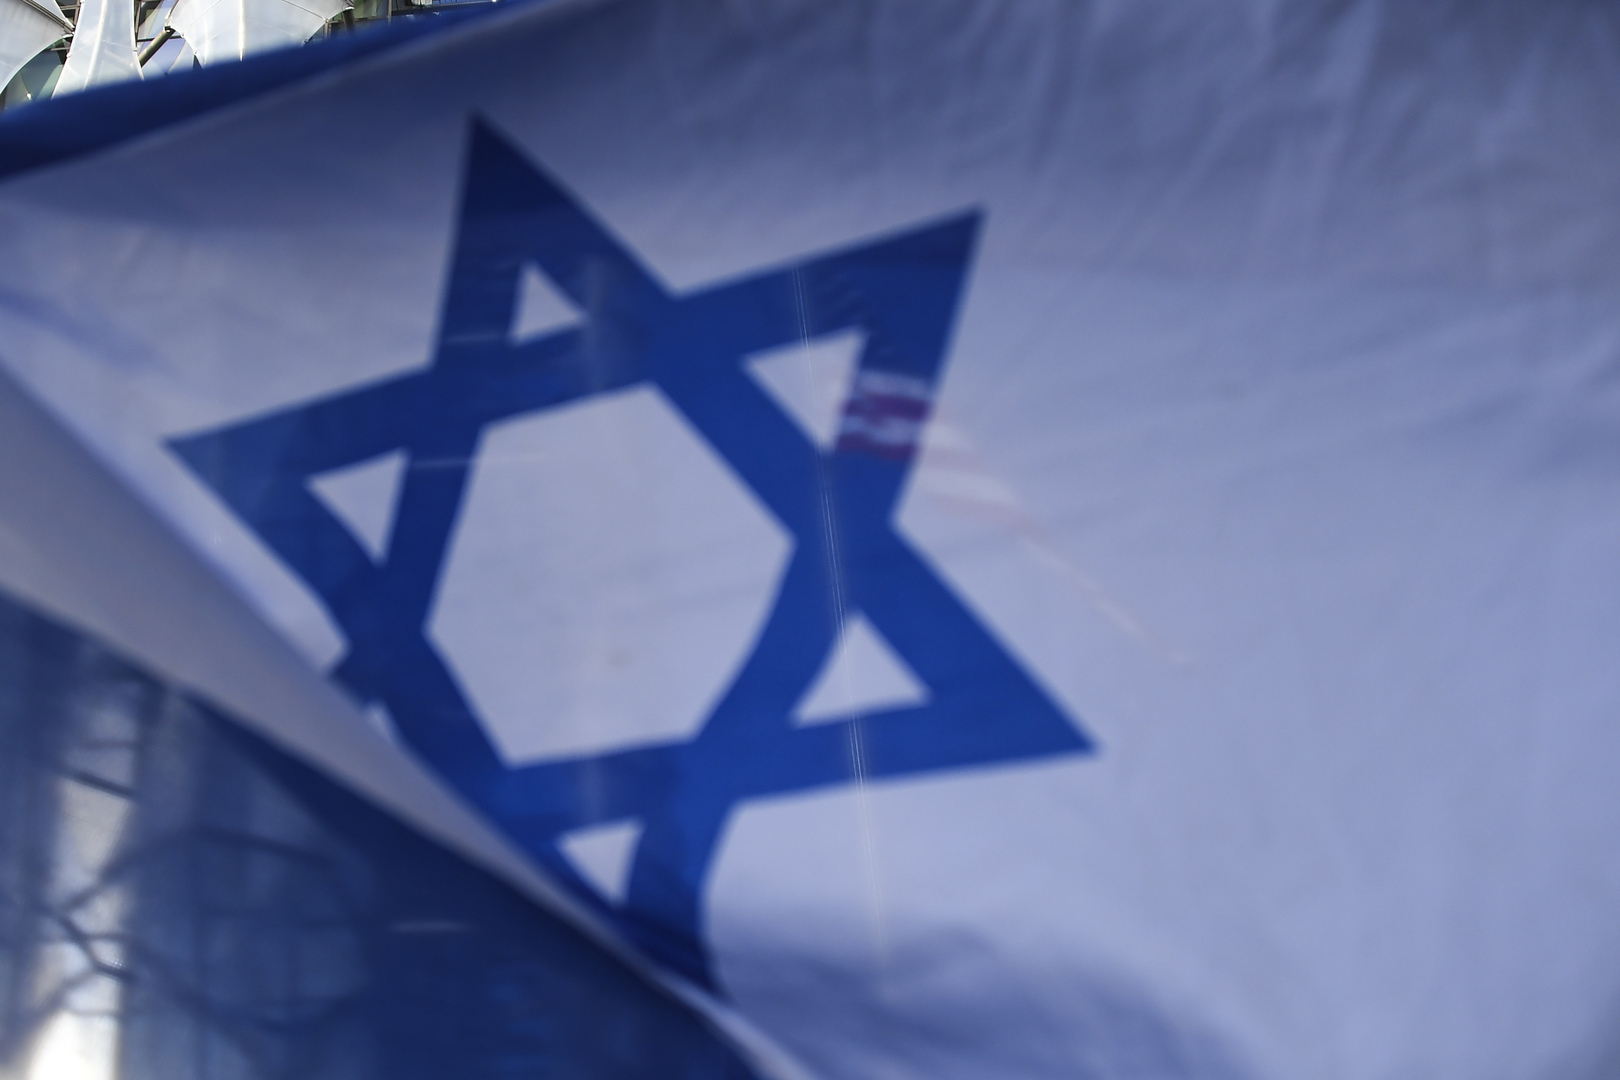 وسائل إعلام: إسرائيل أصدرت إنذارا لبعثاتها الدبلوماسية بشأن